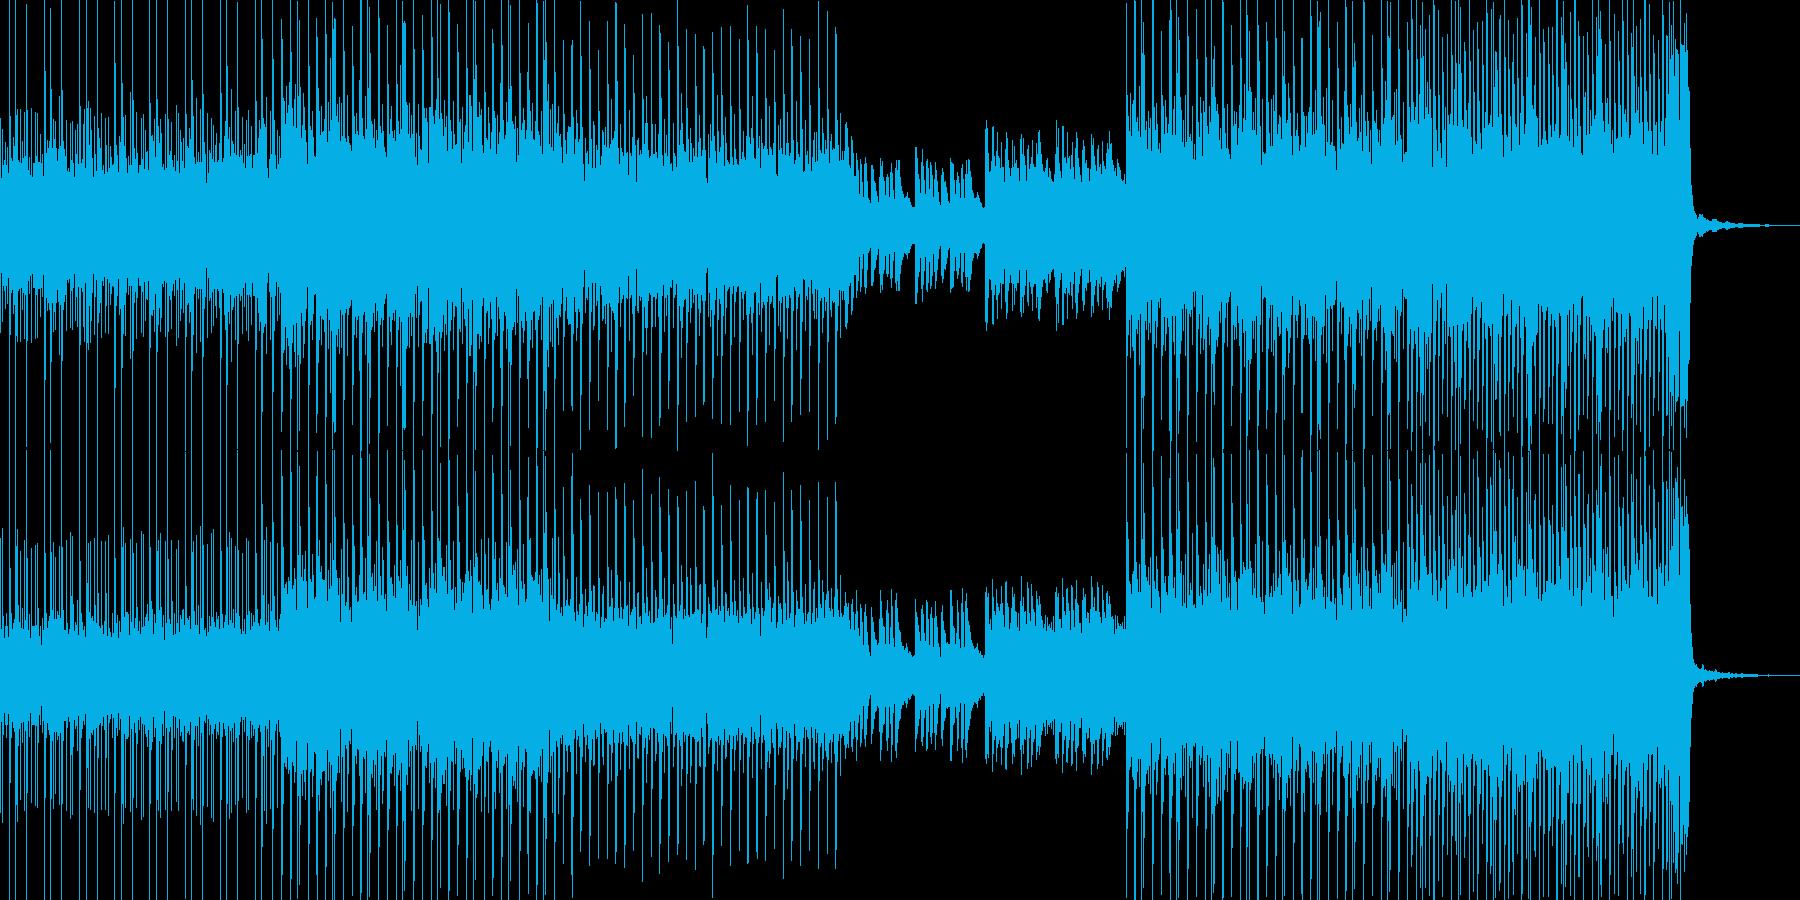 ミステリアスな雰囲気が漂うサスペンスな曲の再生済みの波形